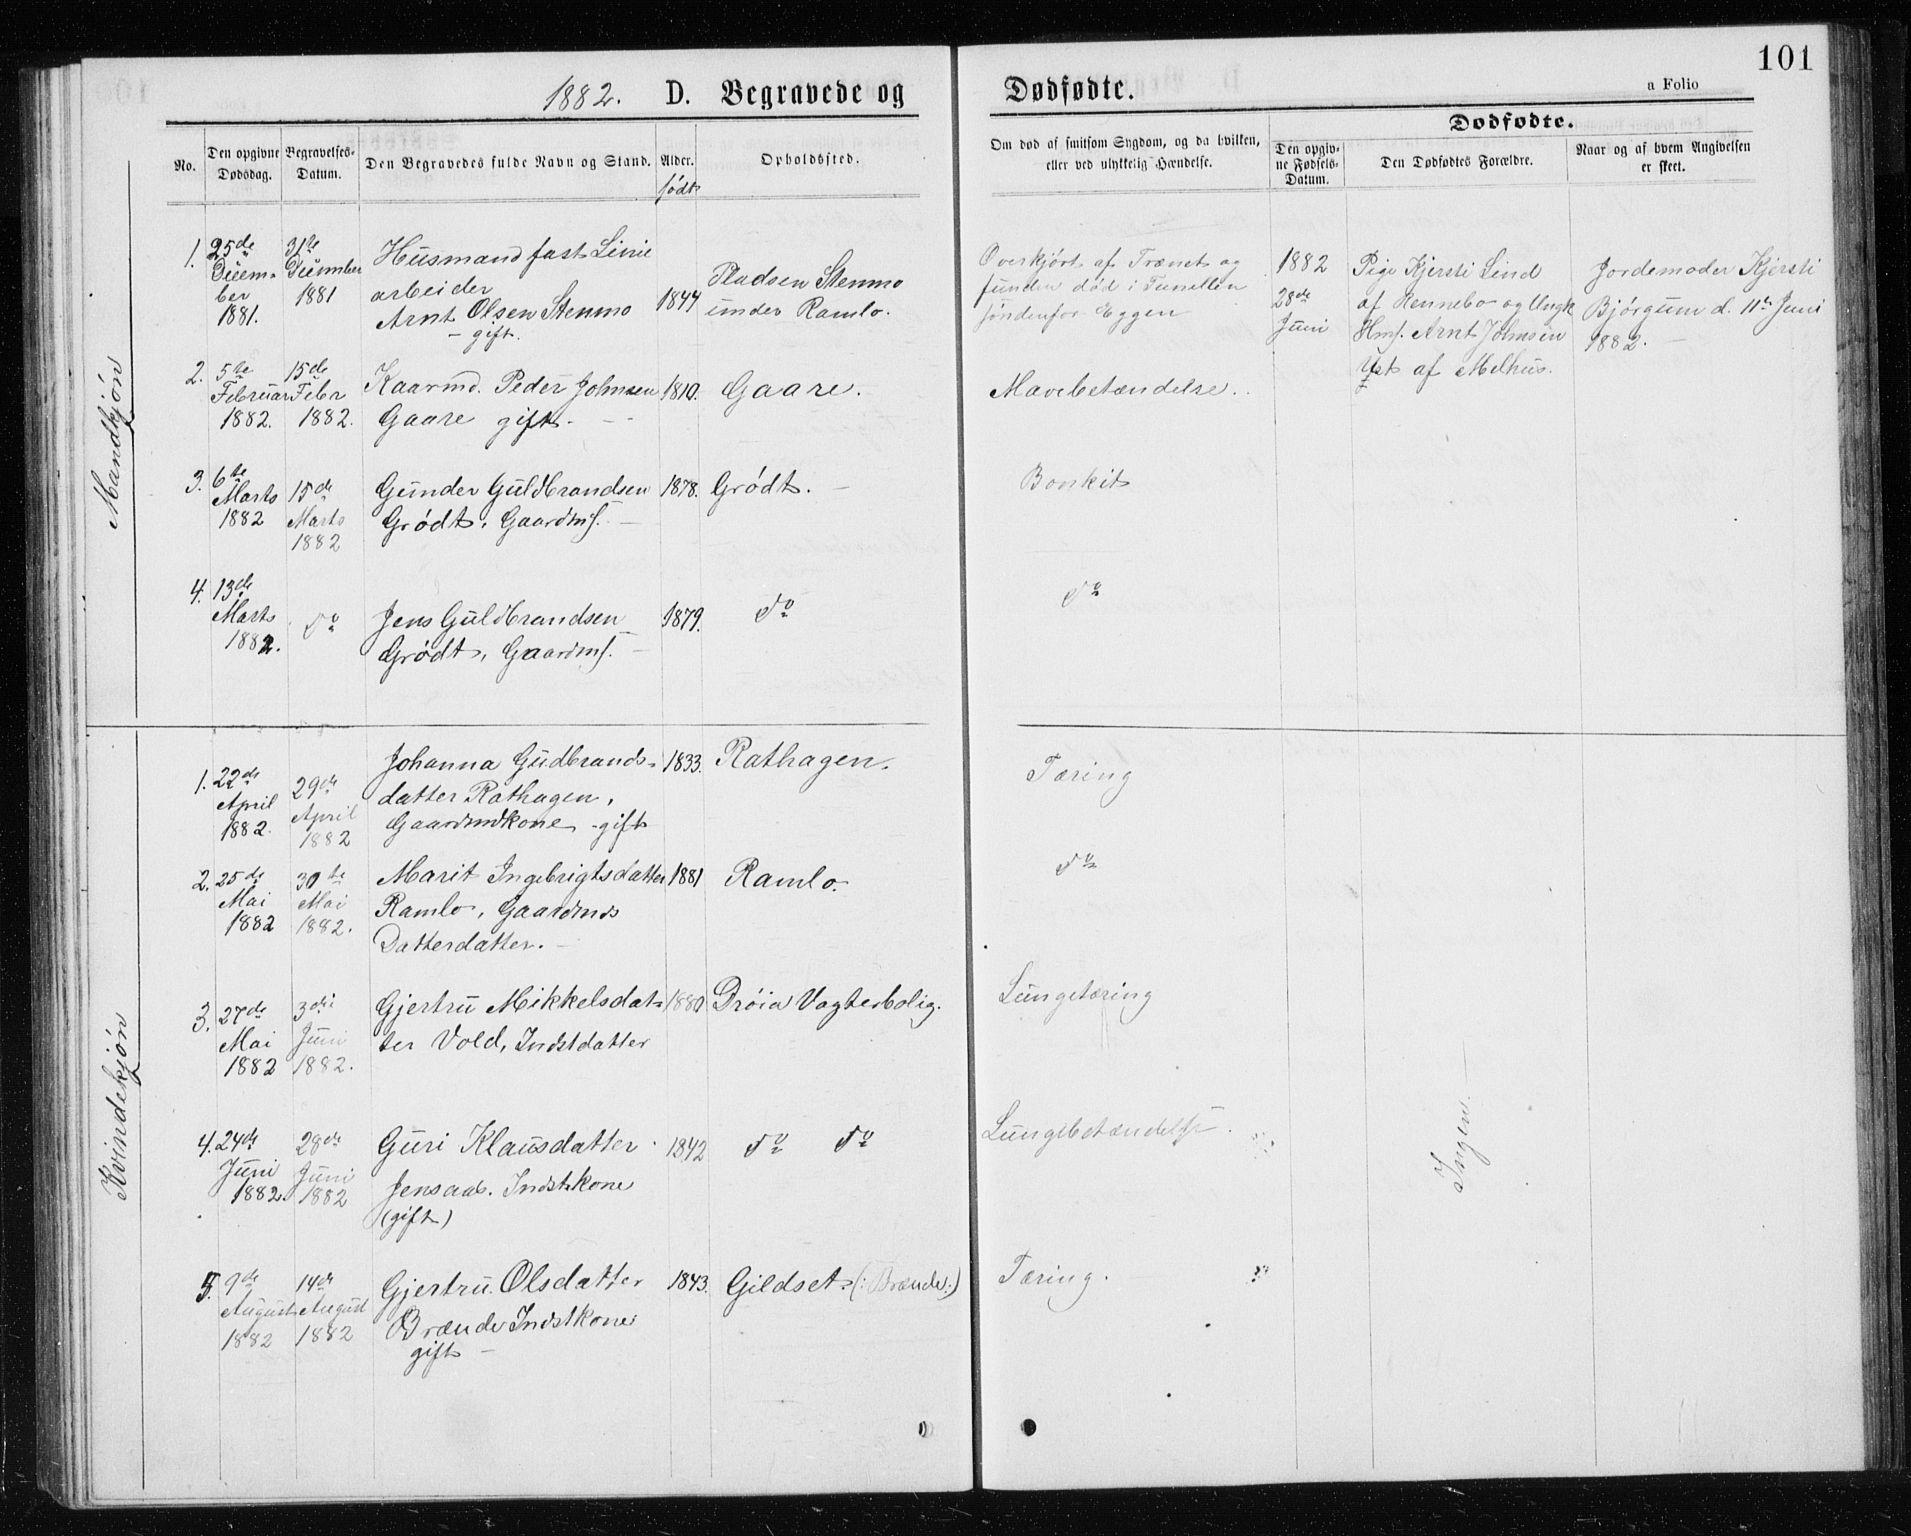 SAT, Ministerialprotokoller, klokkerbøker og fødselsregistre - Sør-Trøndelag, 685/L0977: Klokkerbok nr. 685C02, 1879-1890, s. 101